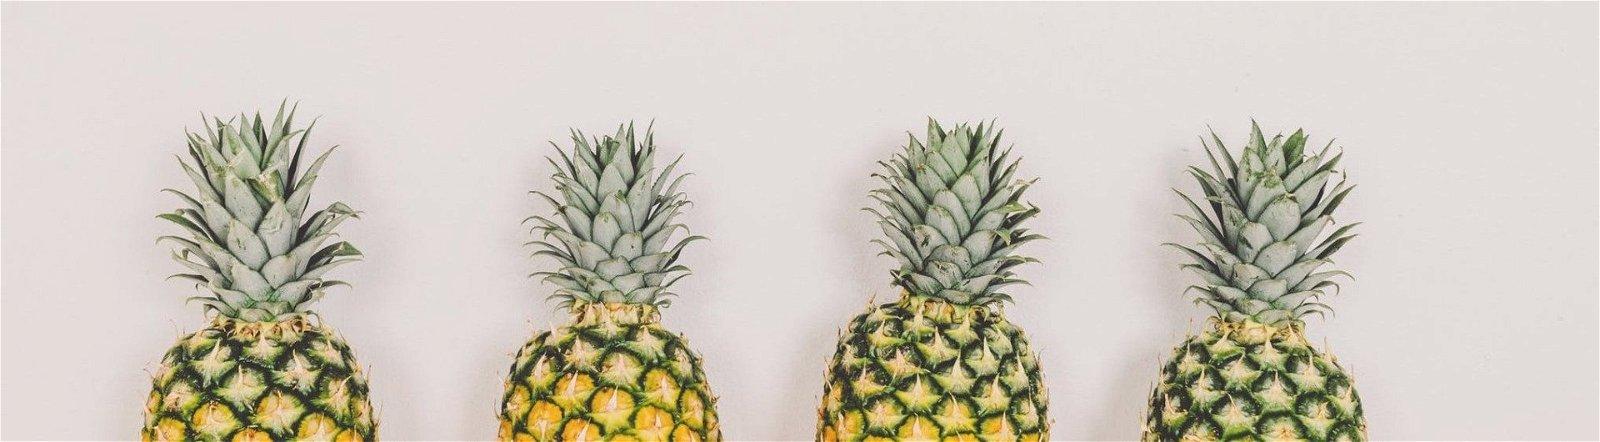 4 ananastoppe på stribe